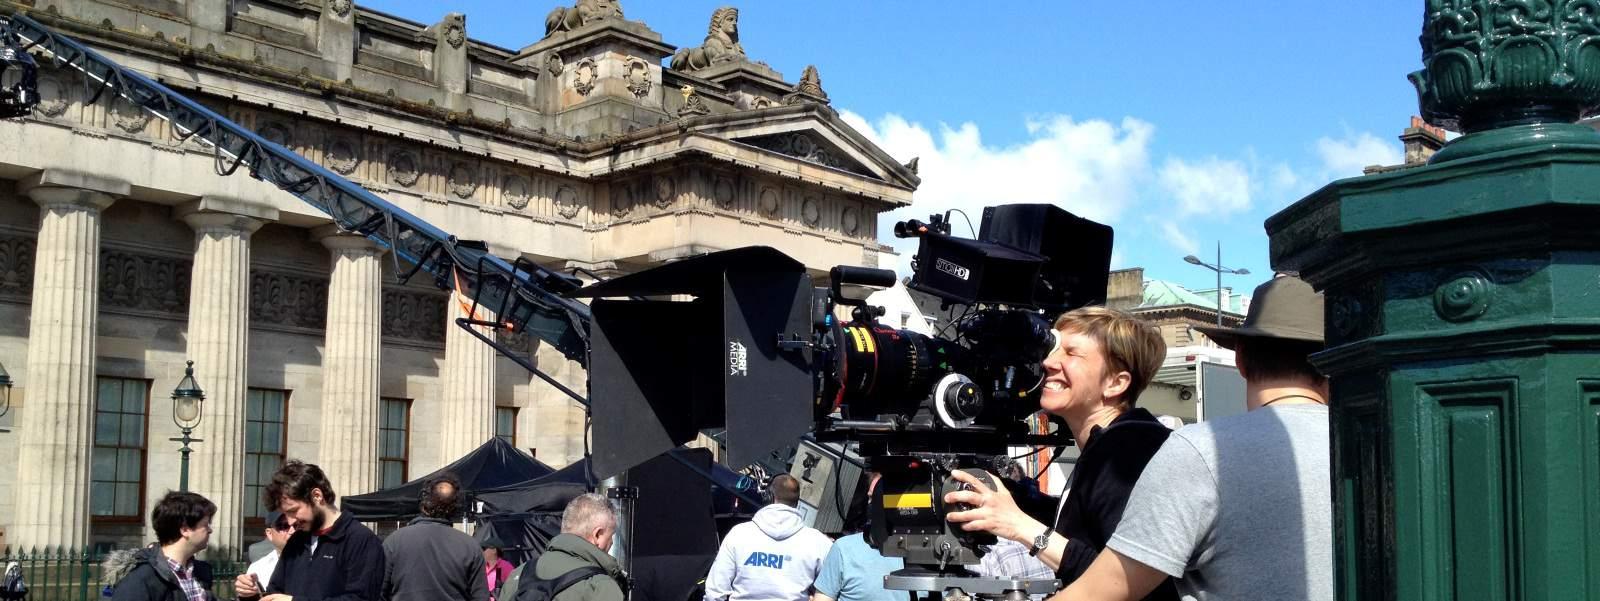 สถานที่ใช้ถ่ายทำภาพยนตร์